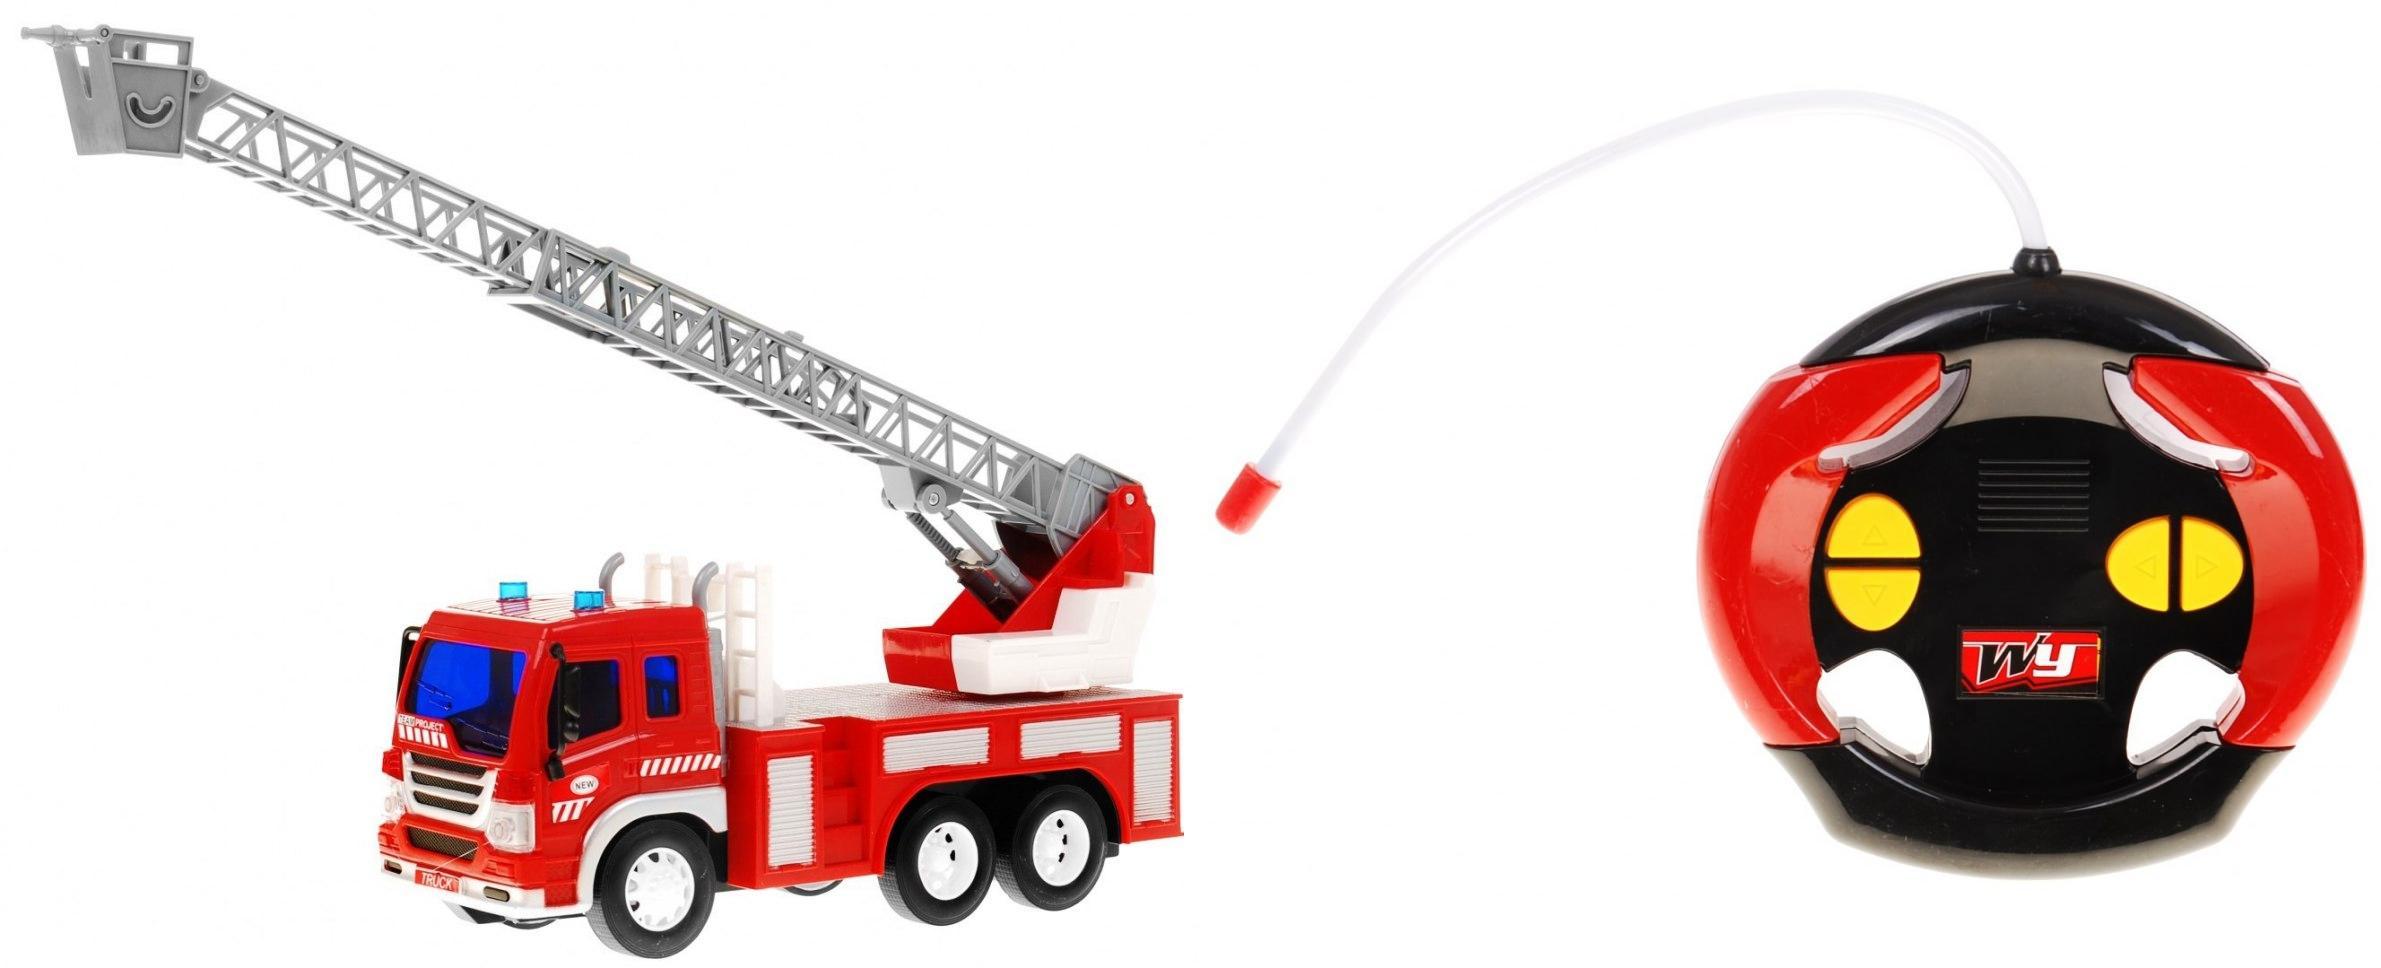 Duża Zdalnie Sterowana Straż Pożarna W Skali 116